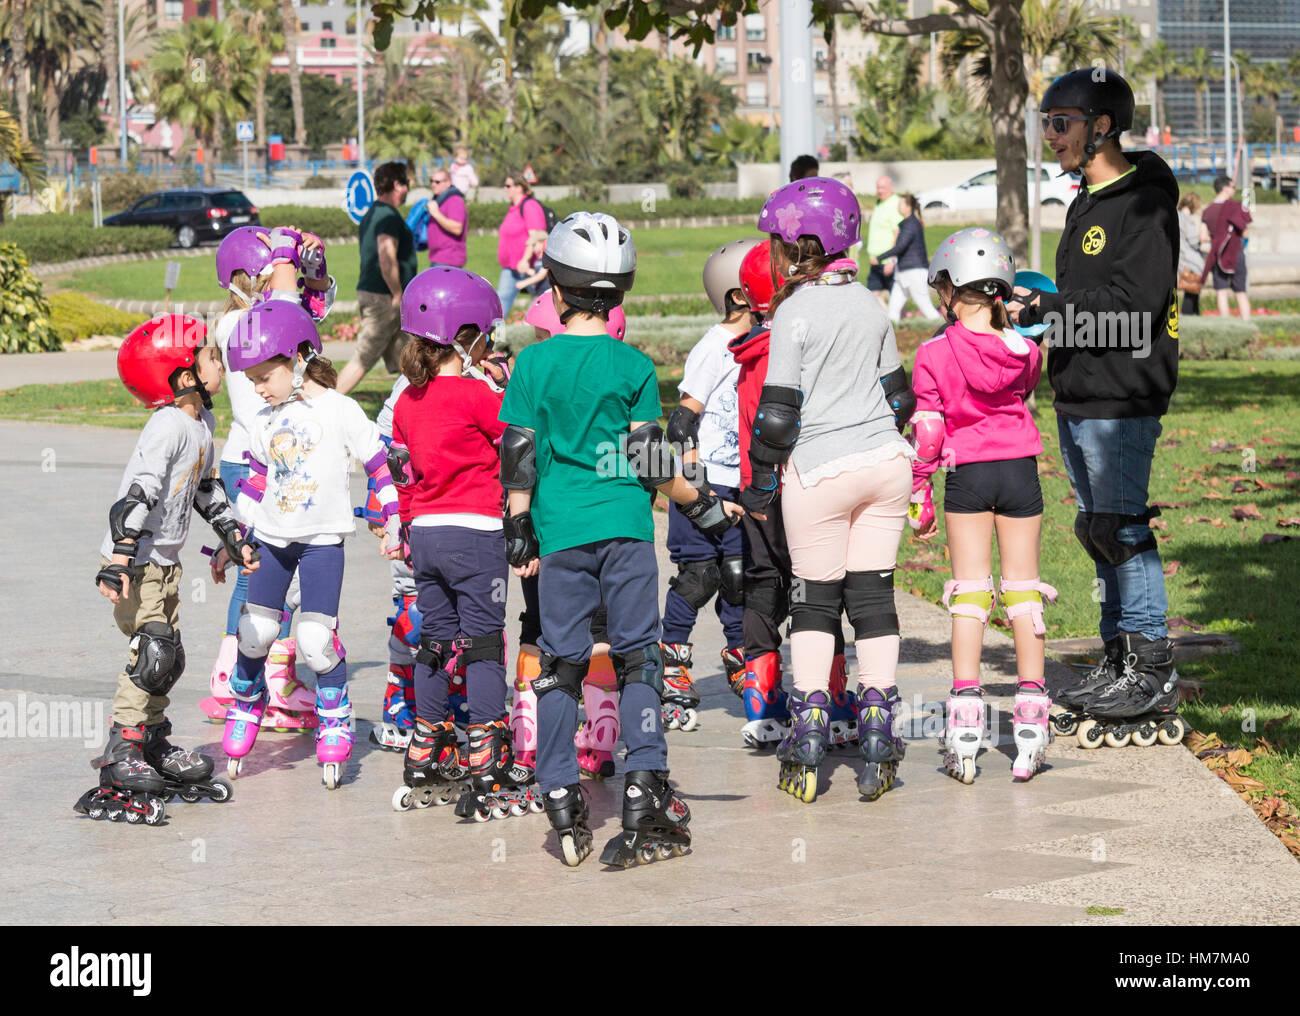 Children having Rollerblading lesson in Spain - Stock Image